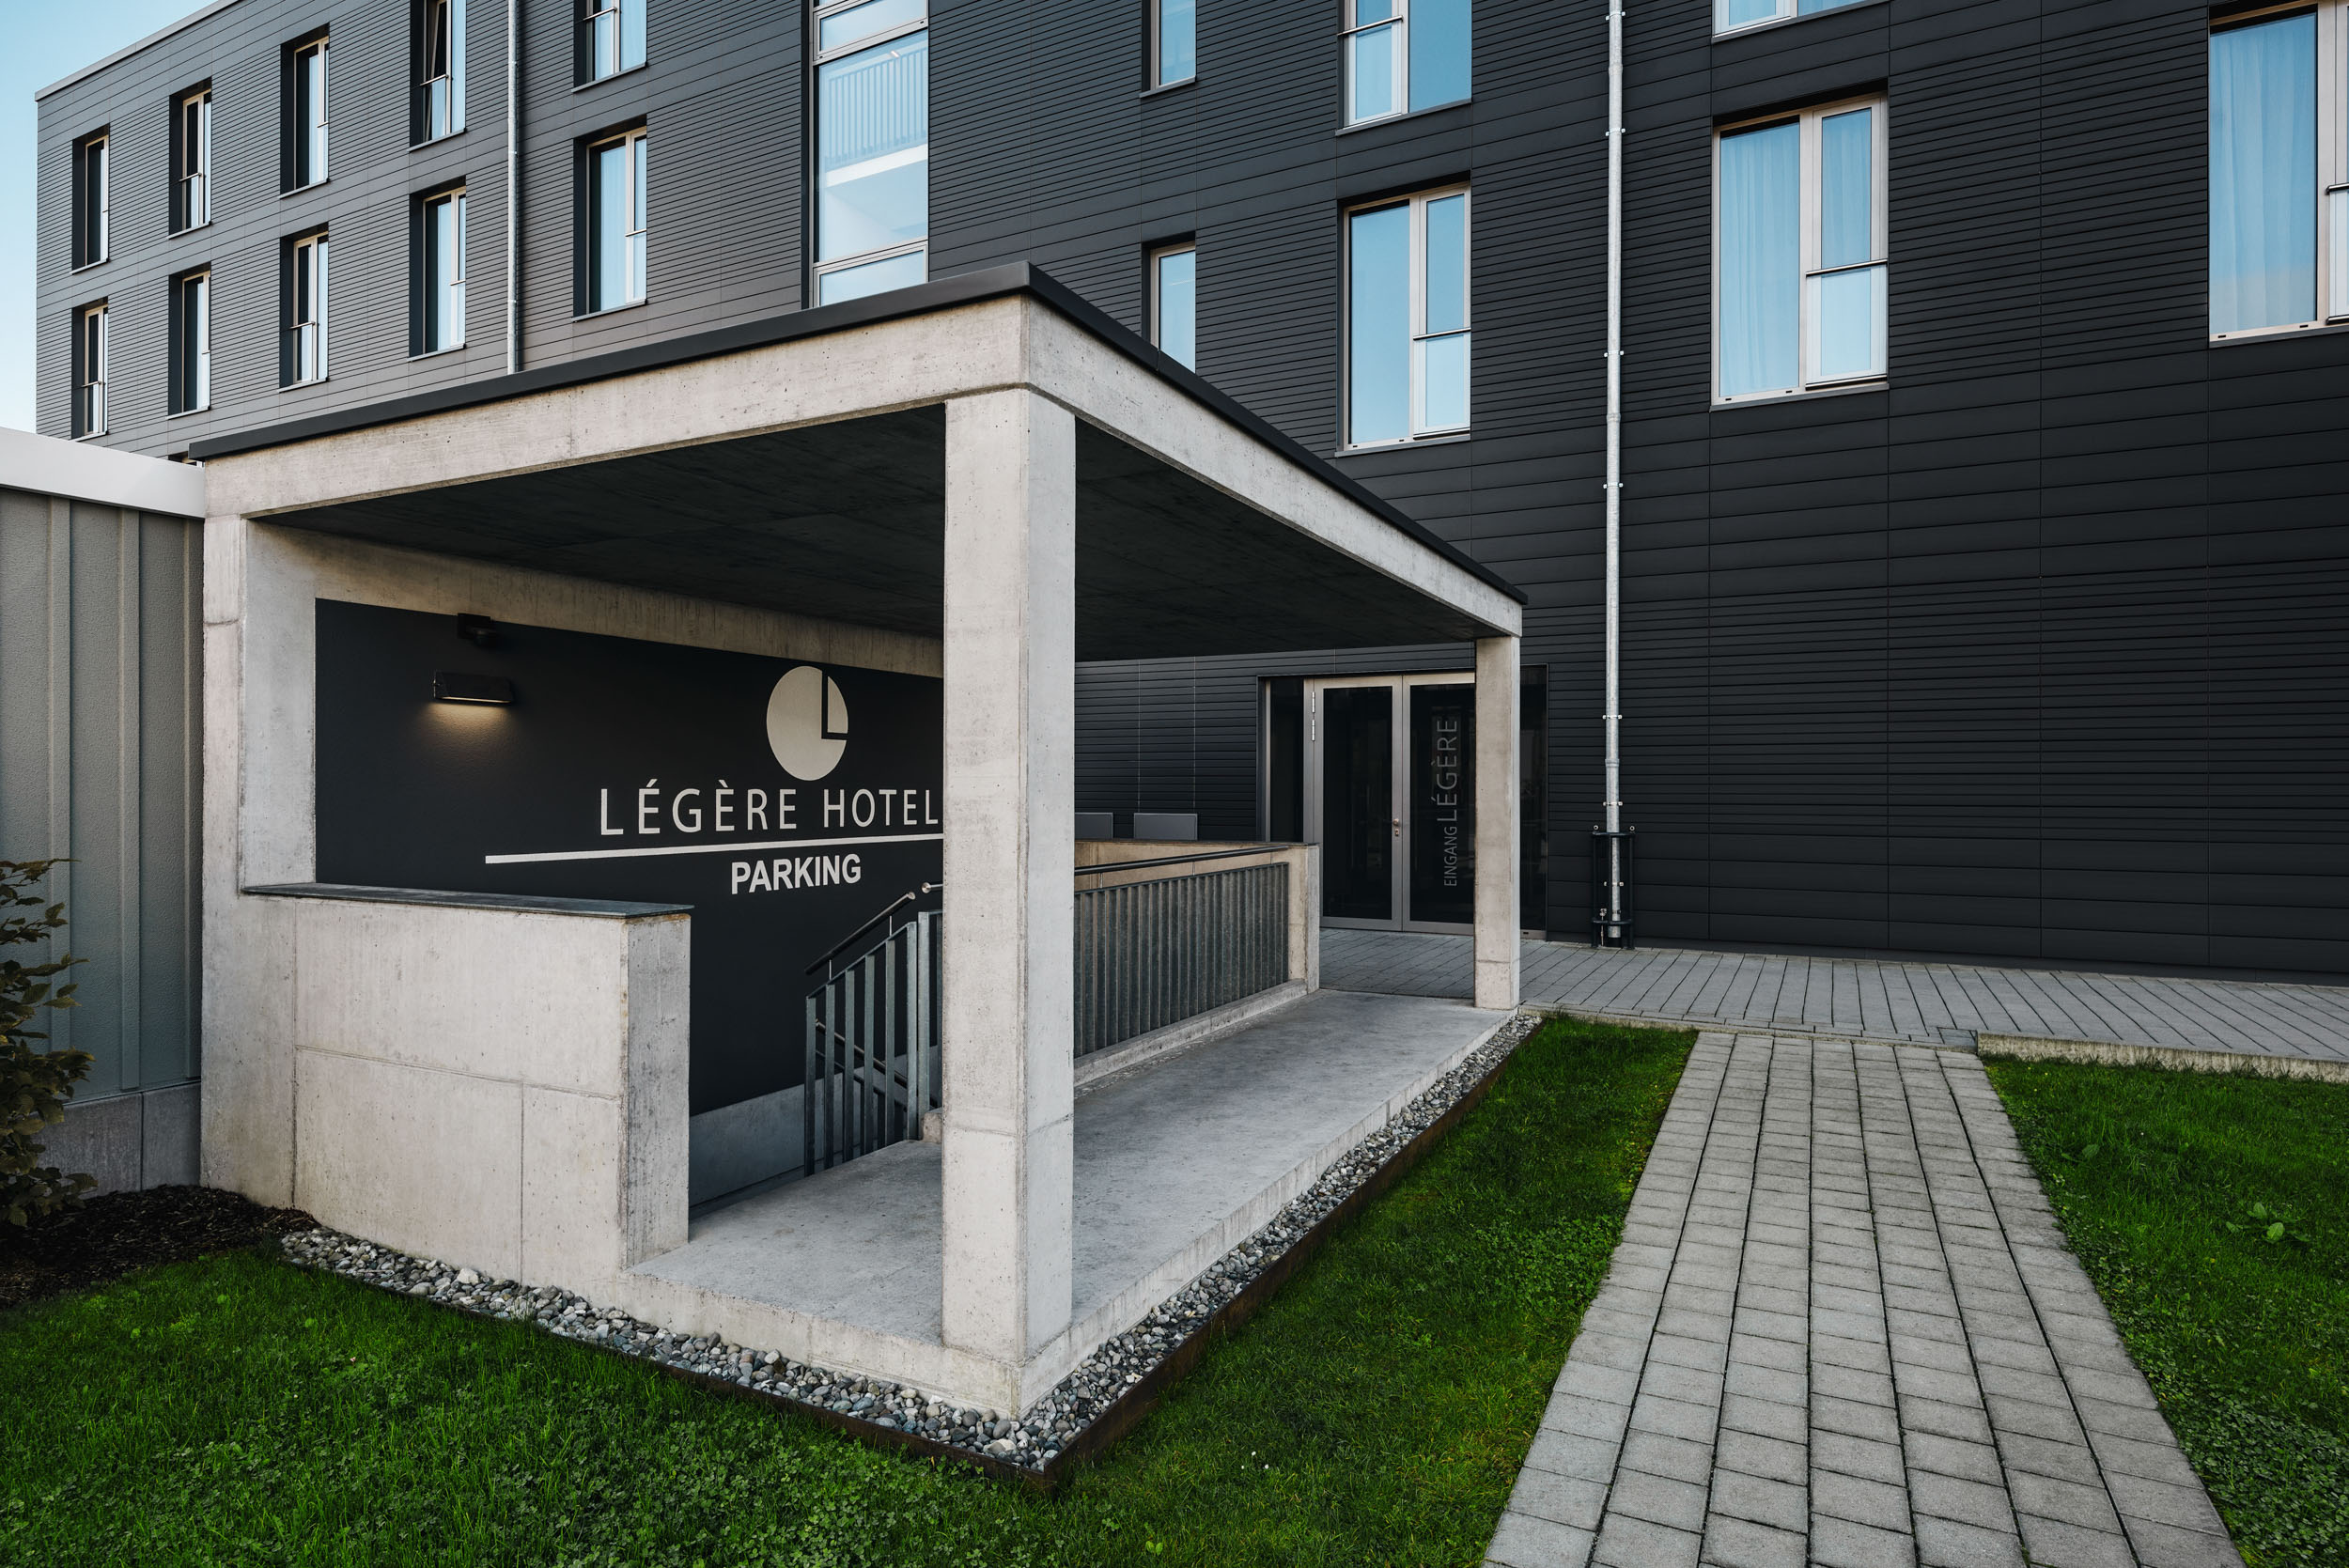 Gustav-Epple-Bauunternehmung-Legere-Hotel-Tuttlingen-MLX8412